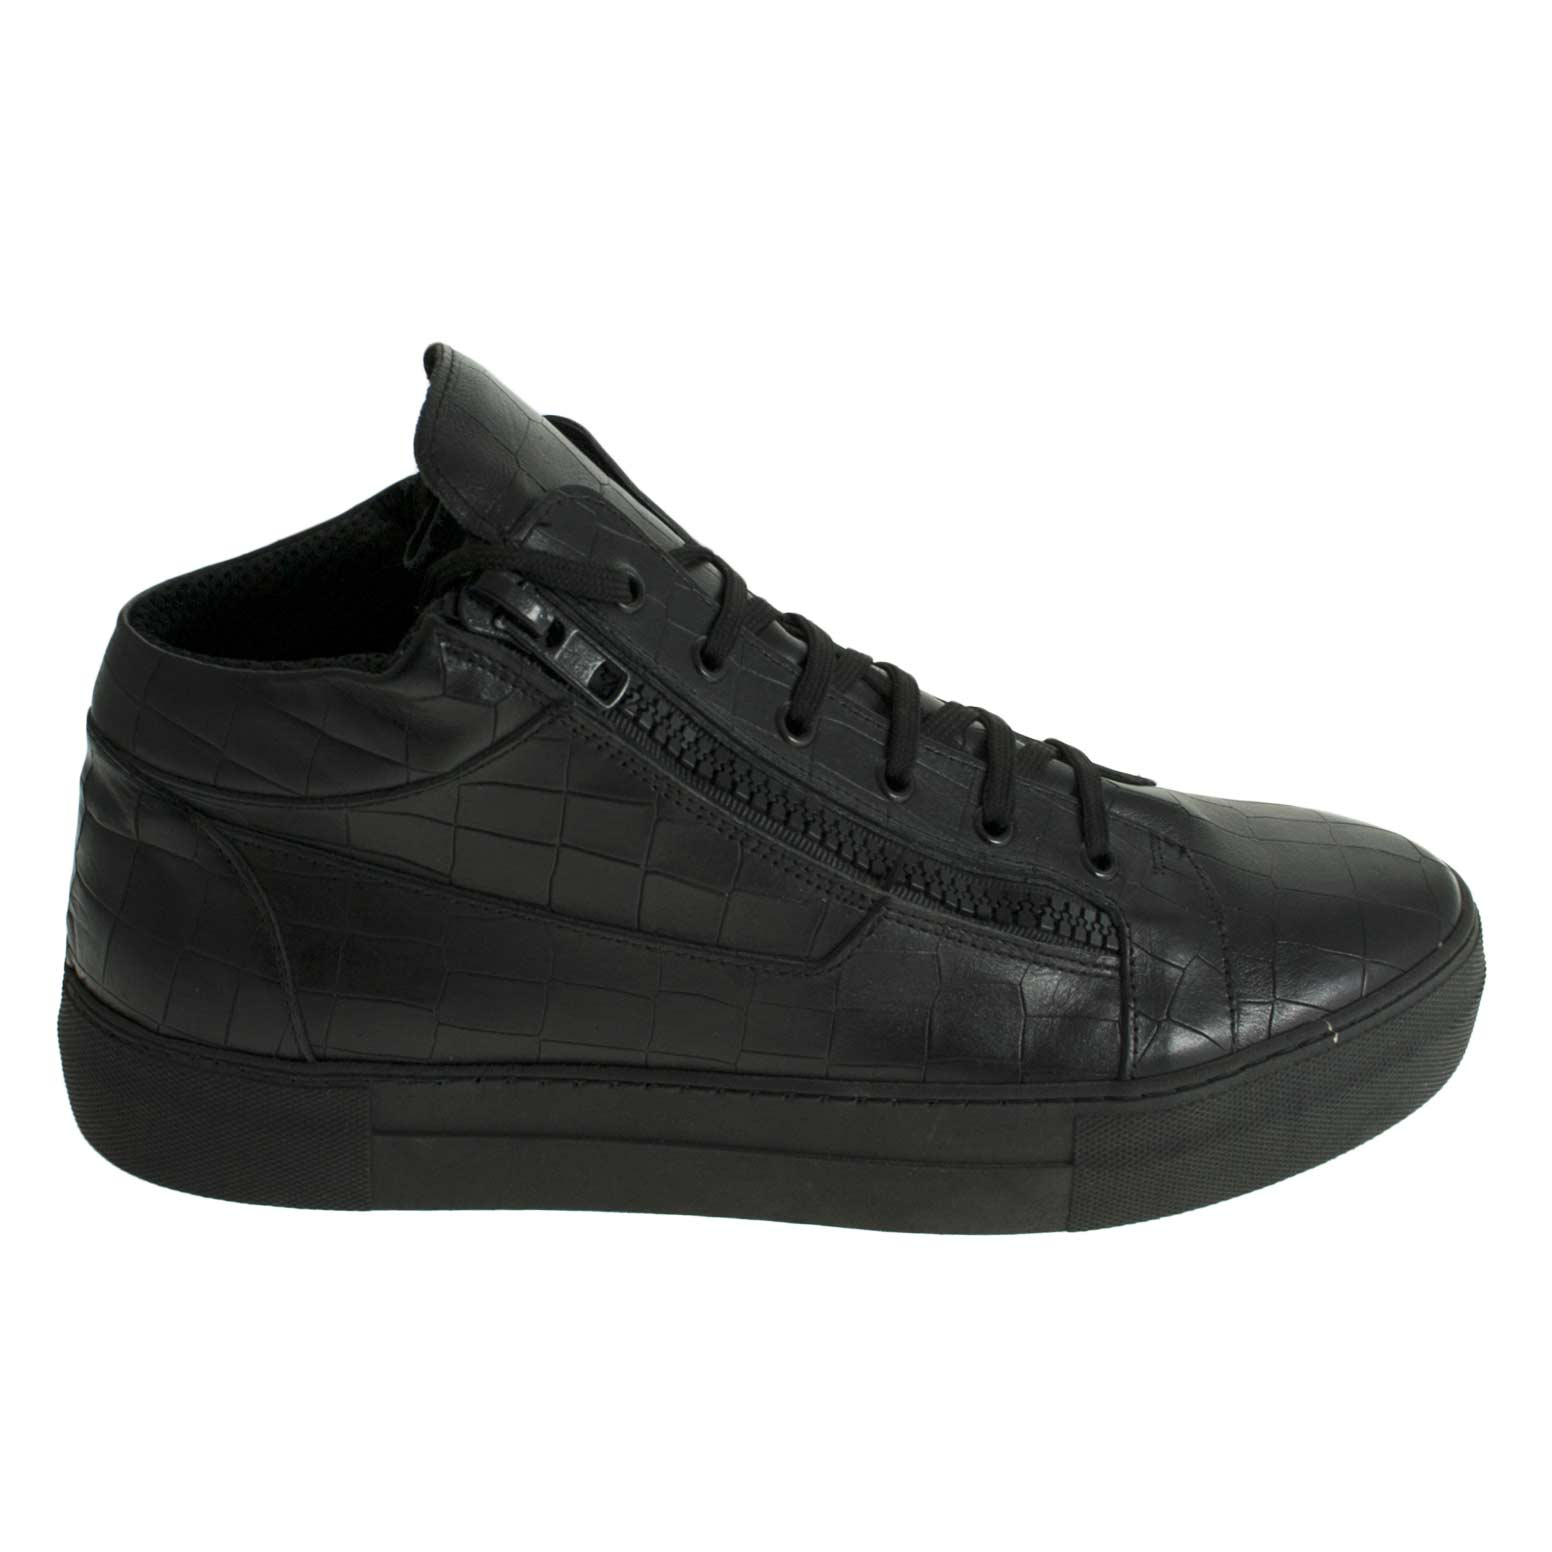 Scarpe uomo sneakers alta art az010 stampa squamato nero vera pelle made in  italy. 3d87e894c07